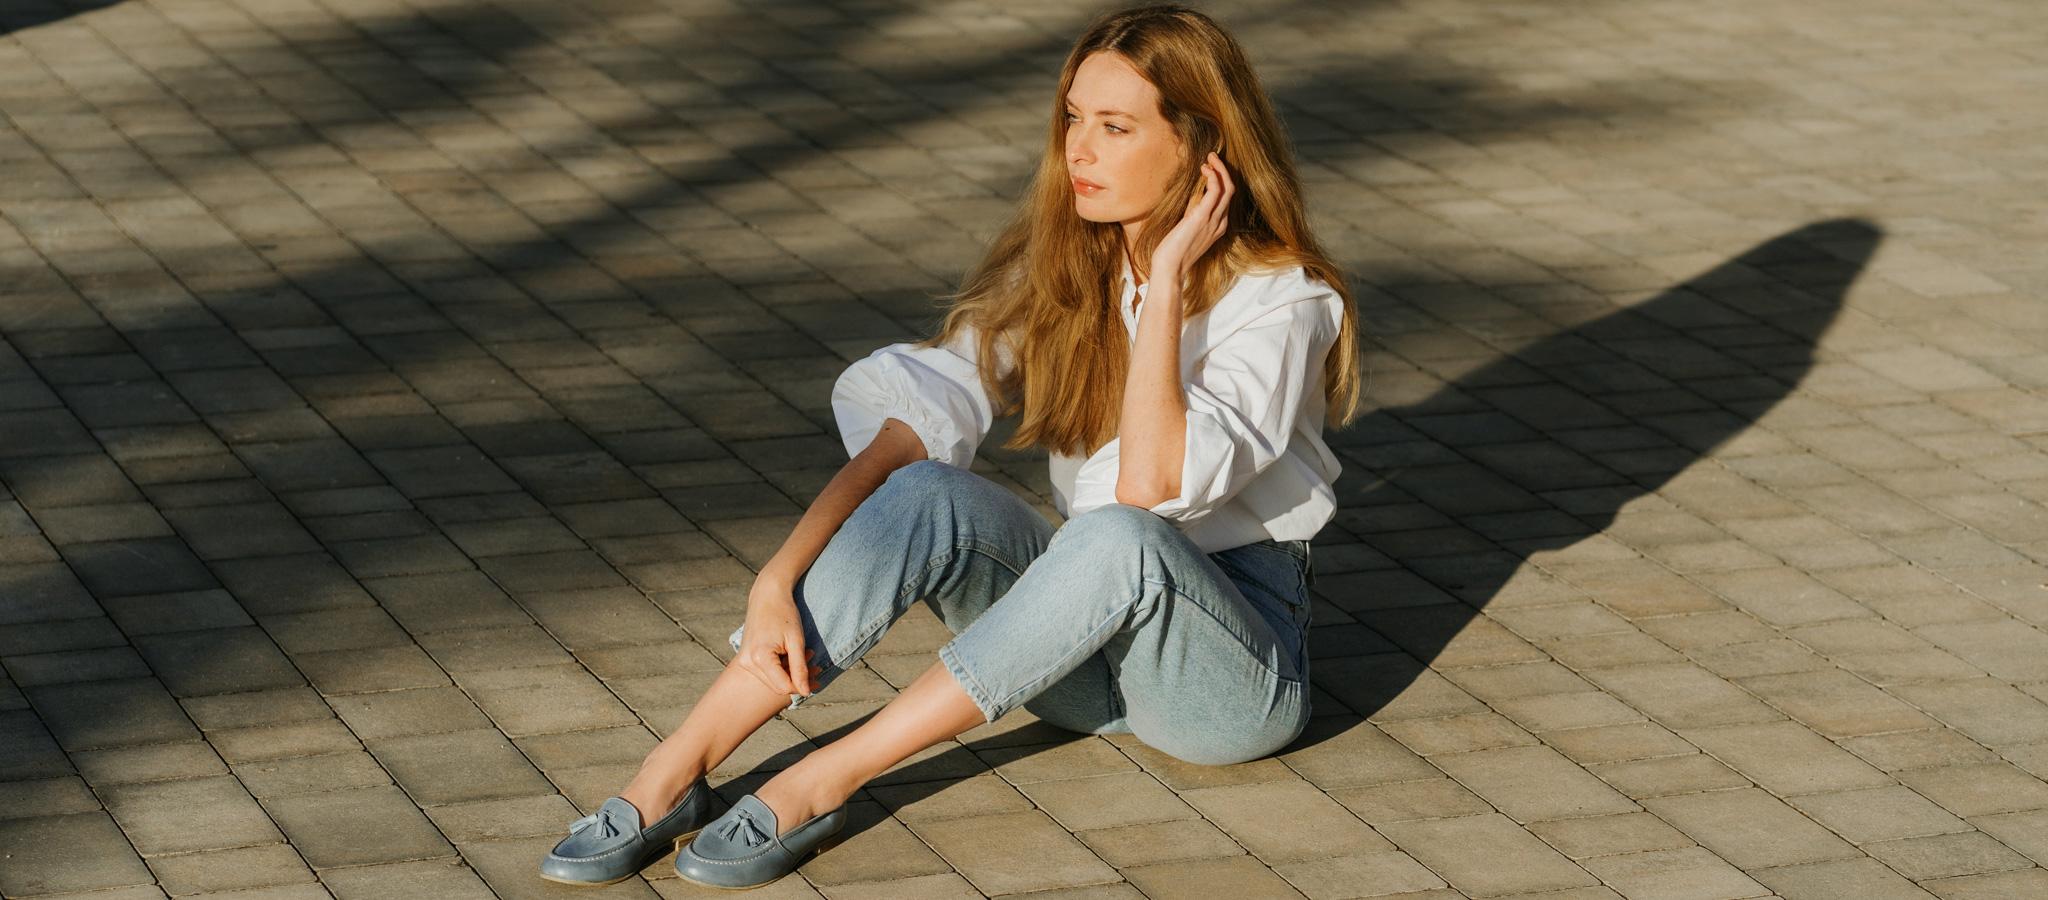 Top3 Shoes Calzado para Mujer